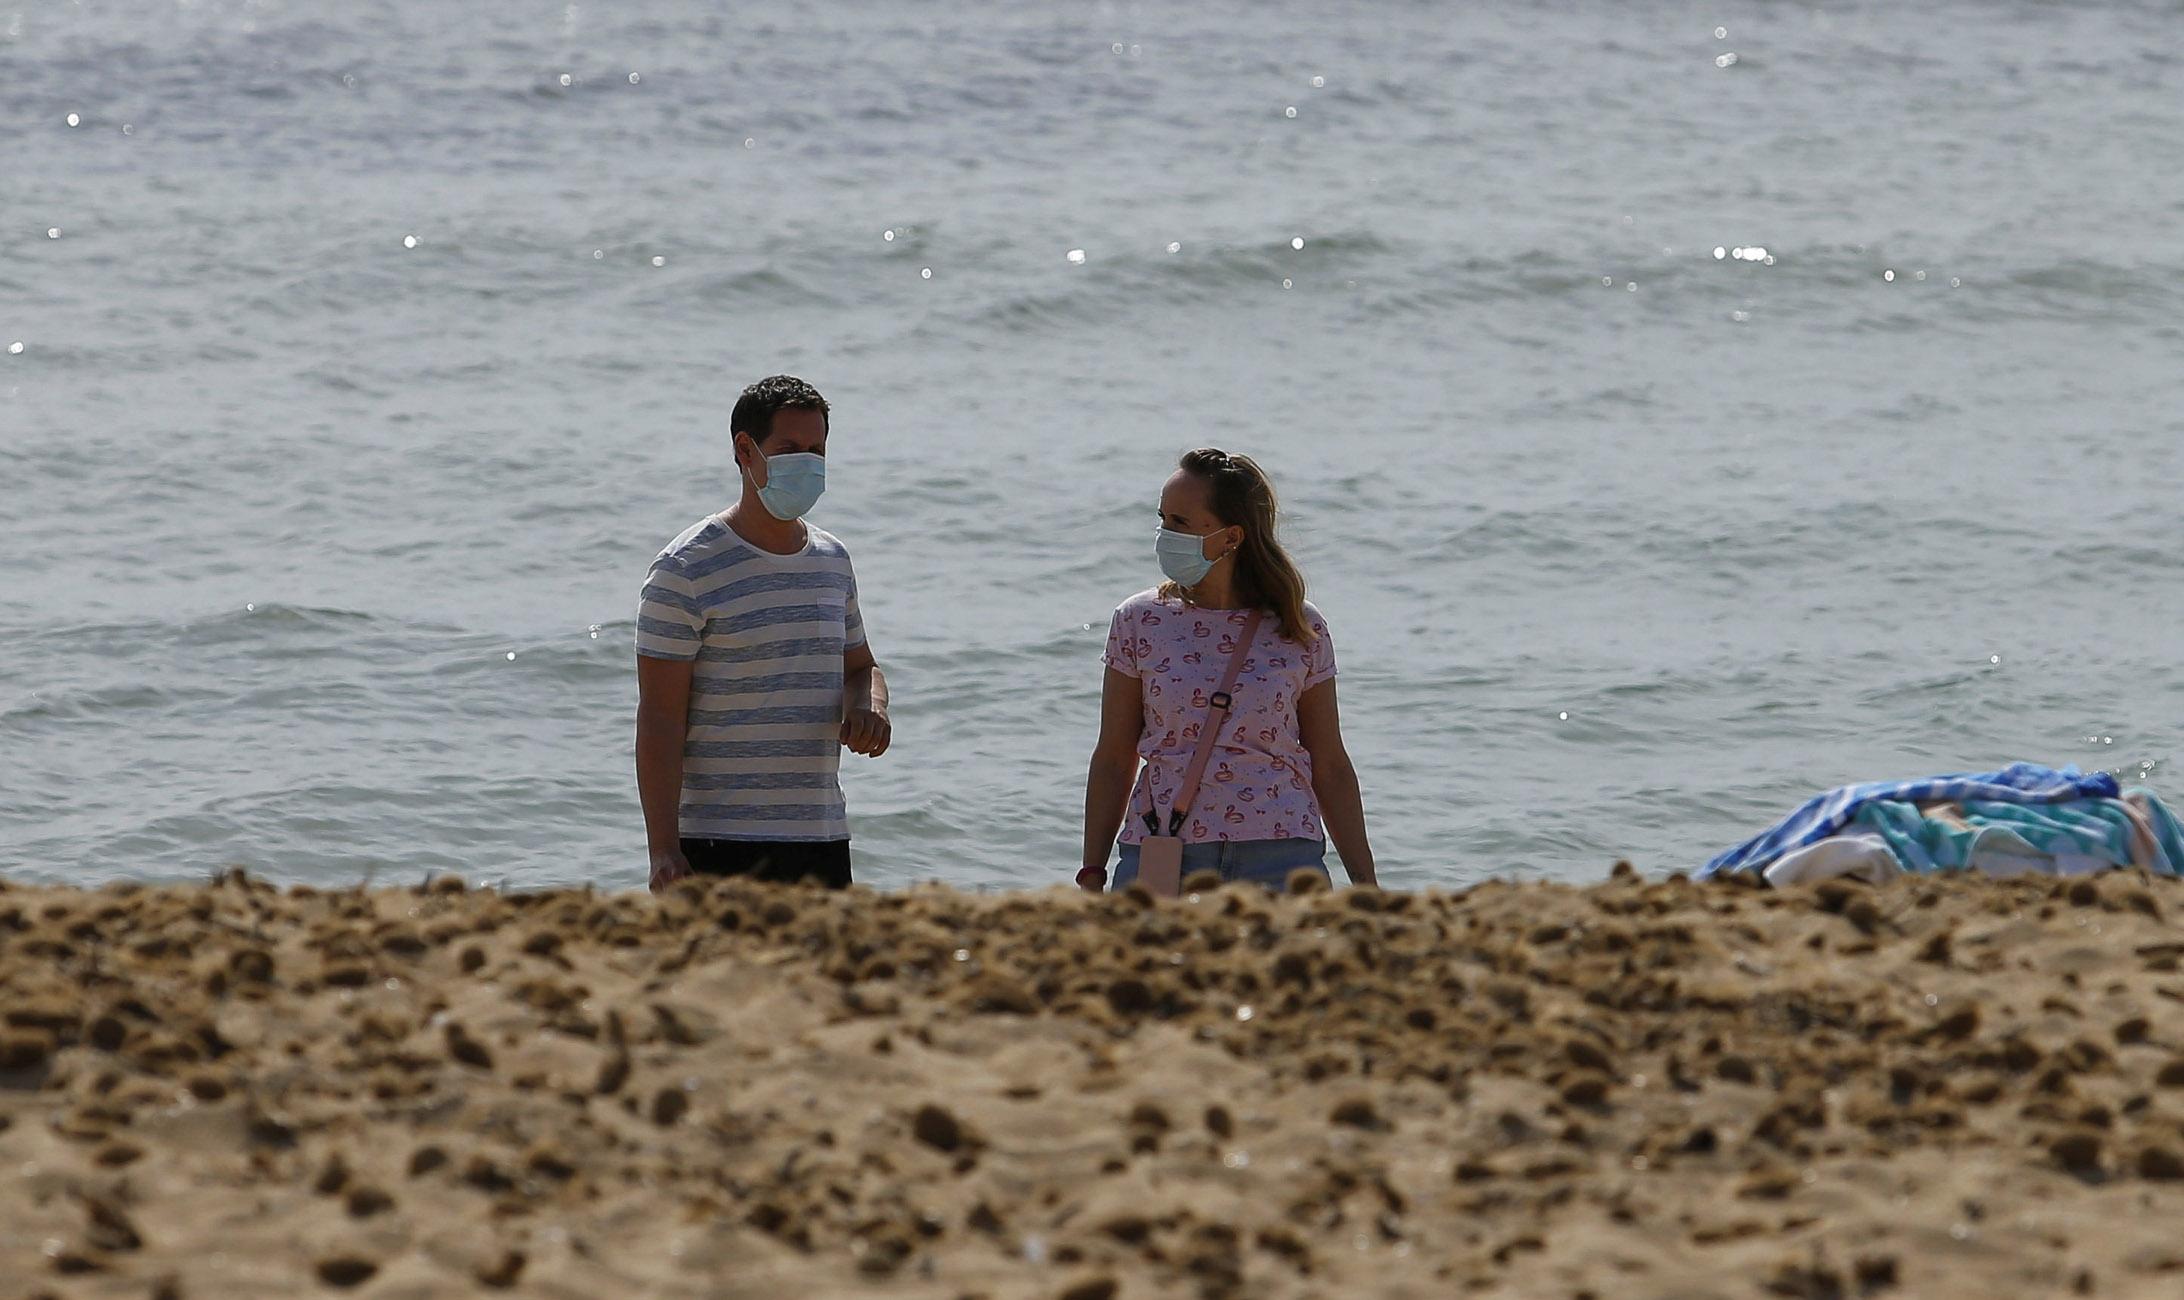 Ισπανία- κορονοϊός: Η μάσκα είναι υποχρεωτική ακόμη και στην παραλία